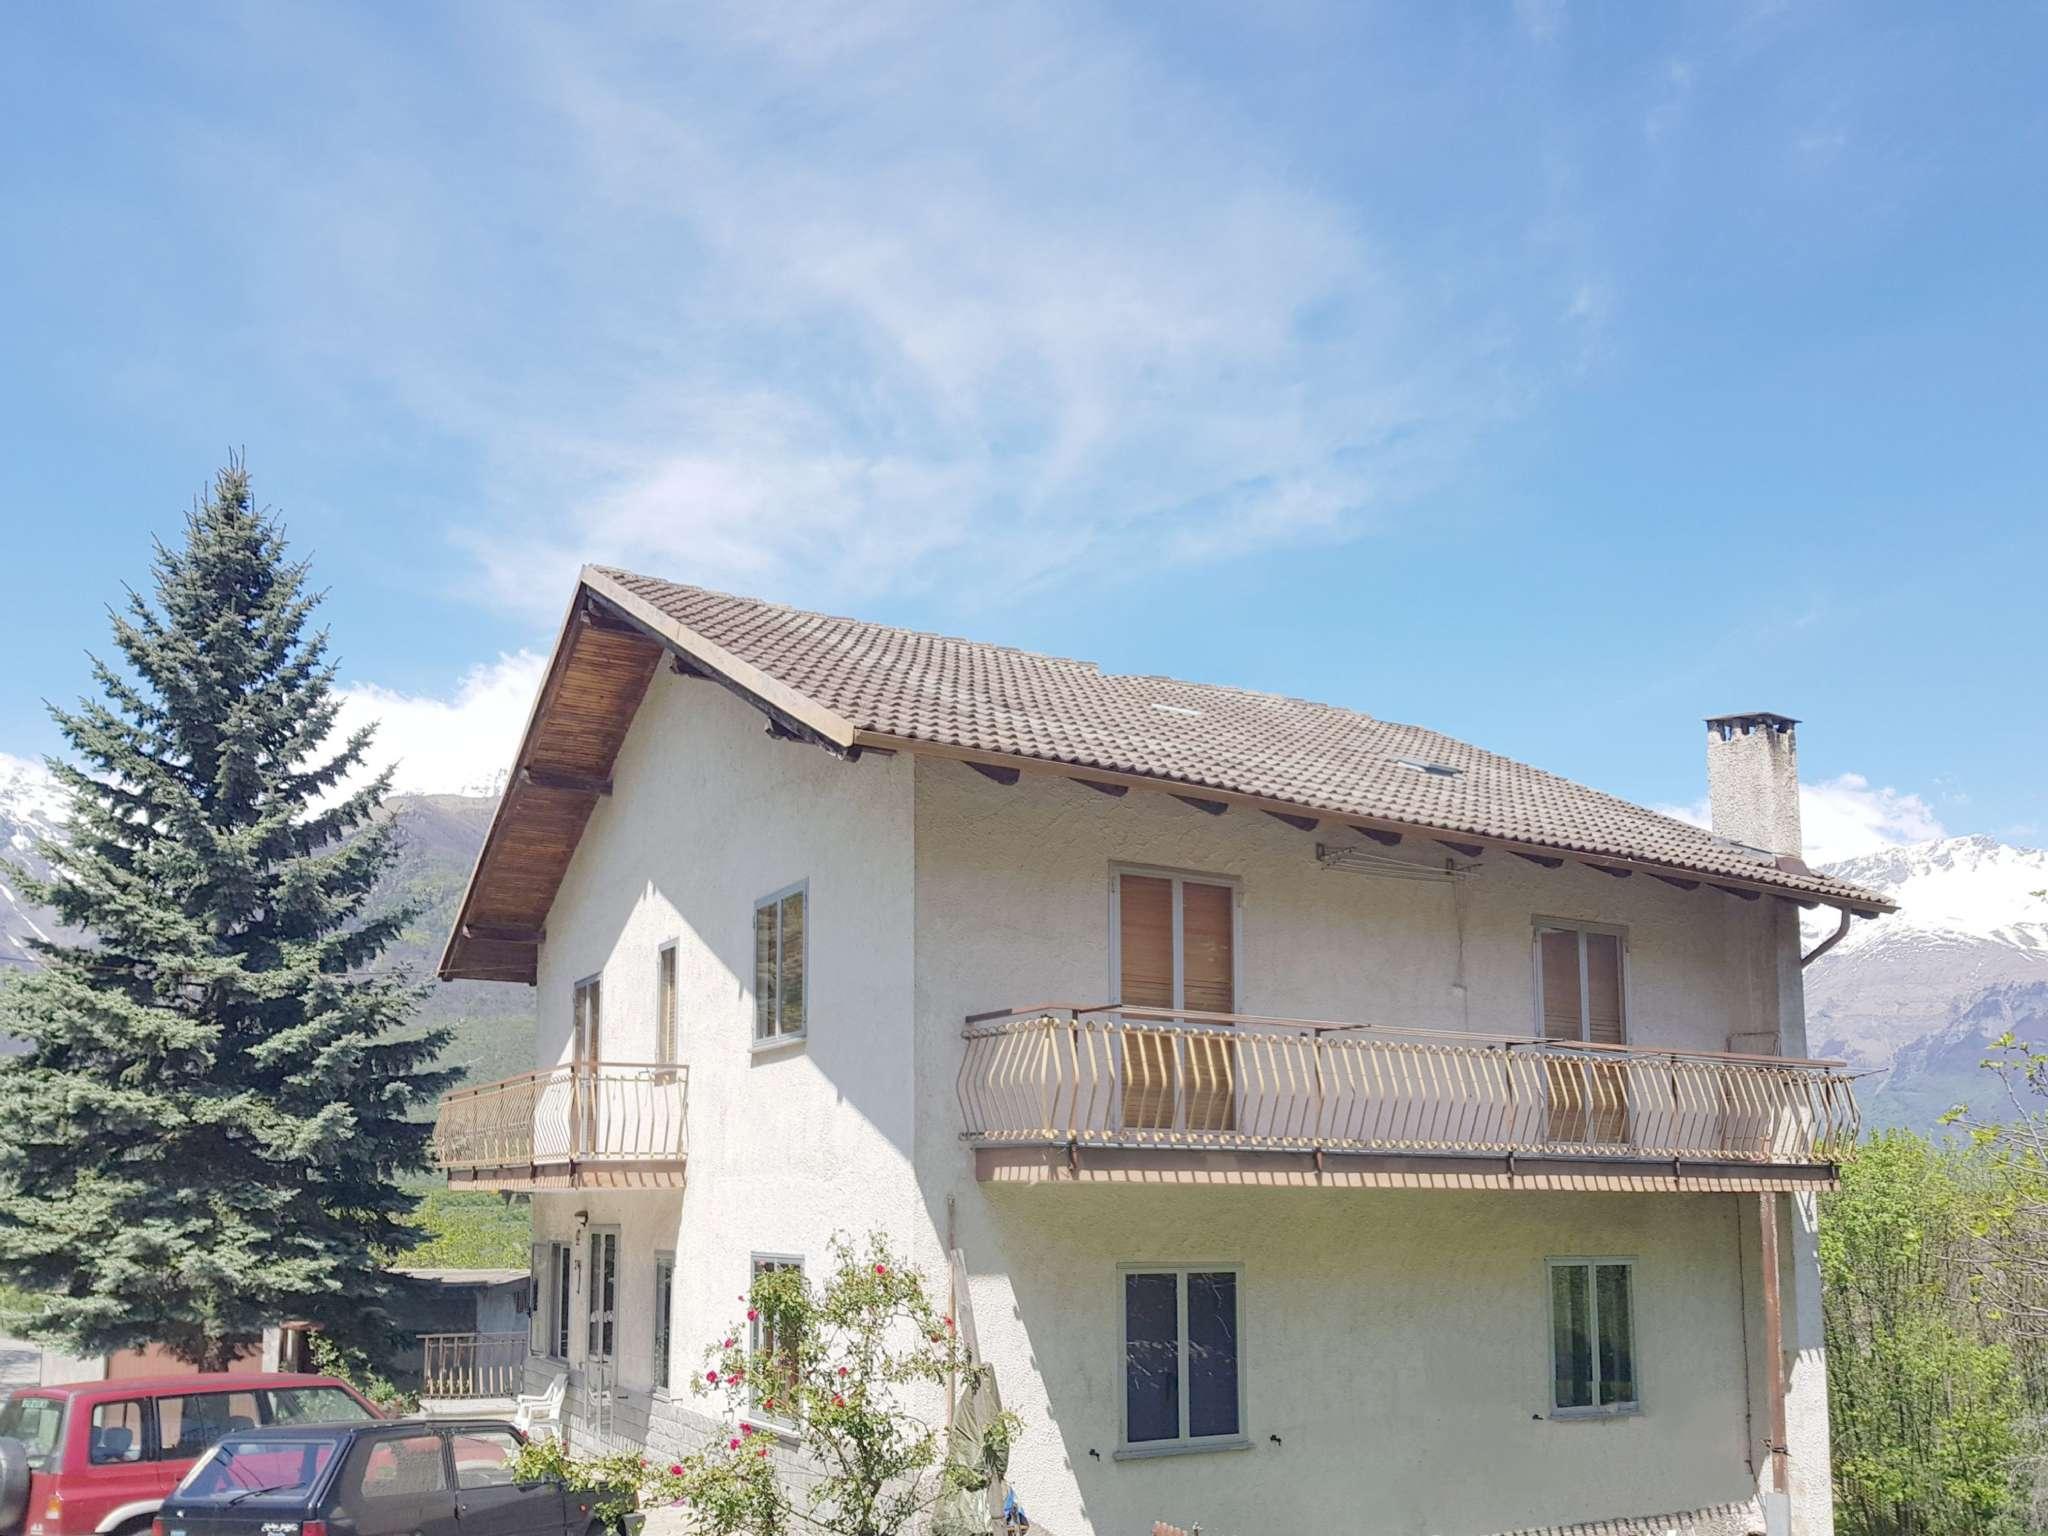 Villa in vendita a Susa, 8 locali, prezzo € 119.000 | PortaleAgenzieImmobiliari.it